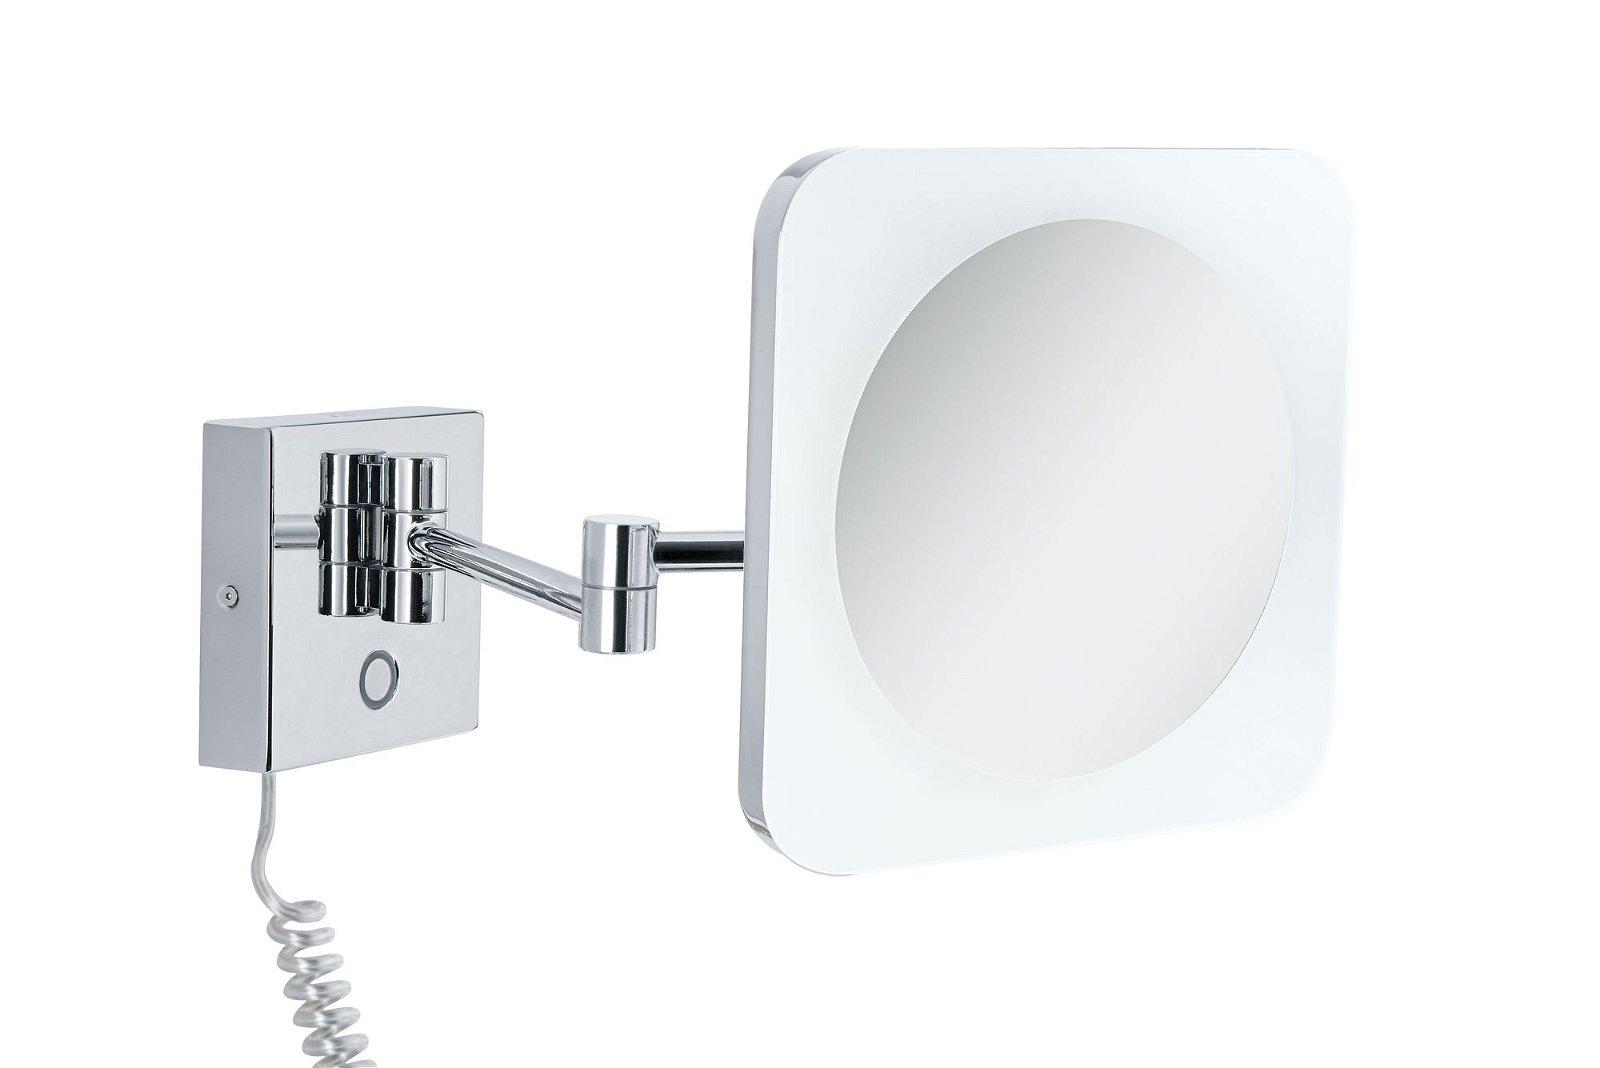 HomeSpa LED Kosmetikspiegel Jora IP44 White Switch 270lm 230V 3,3W Chrom/Weiß/Spiegel